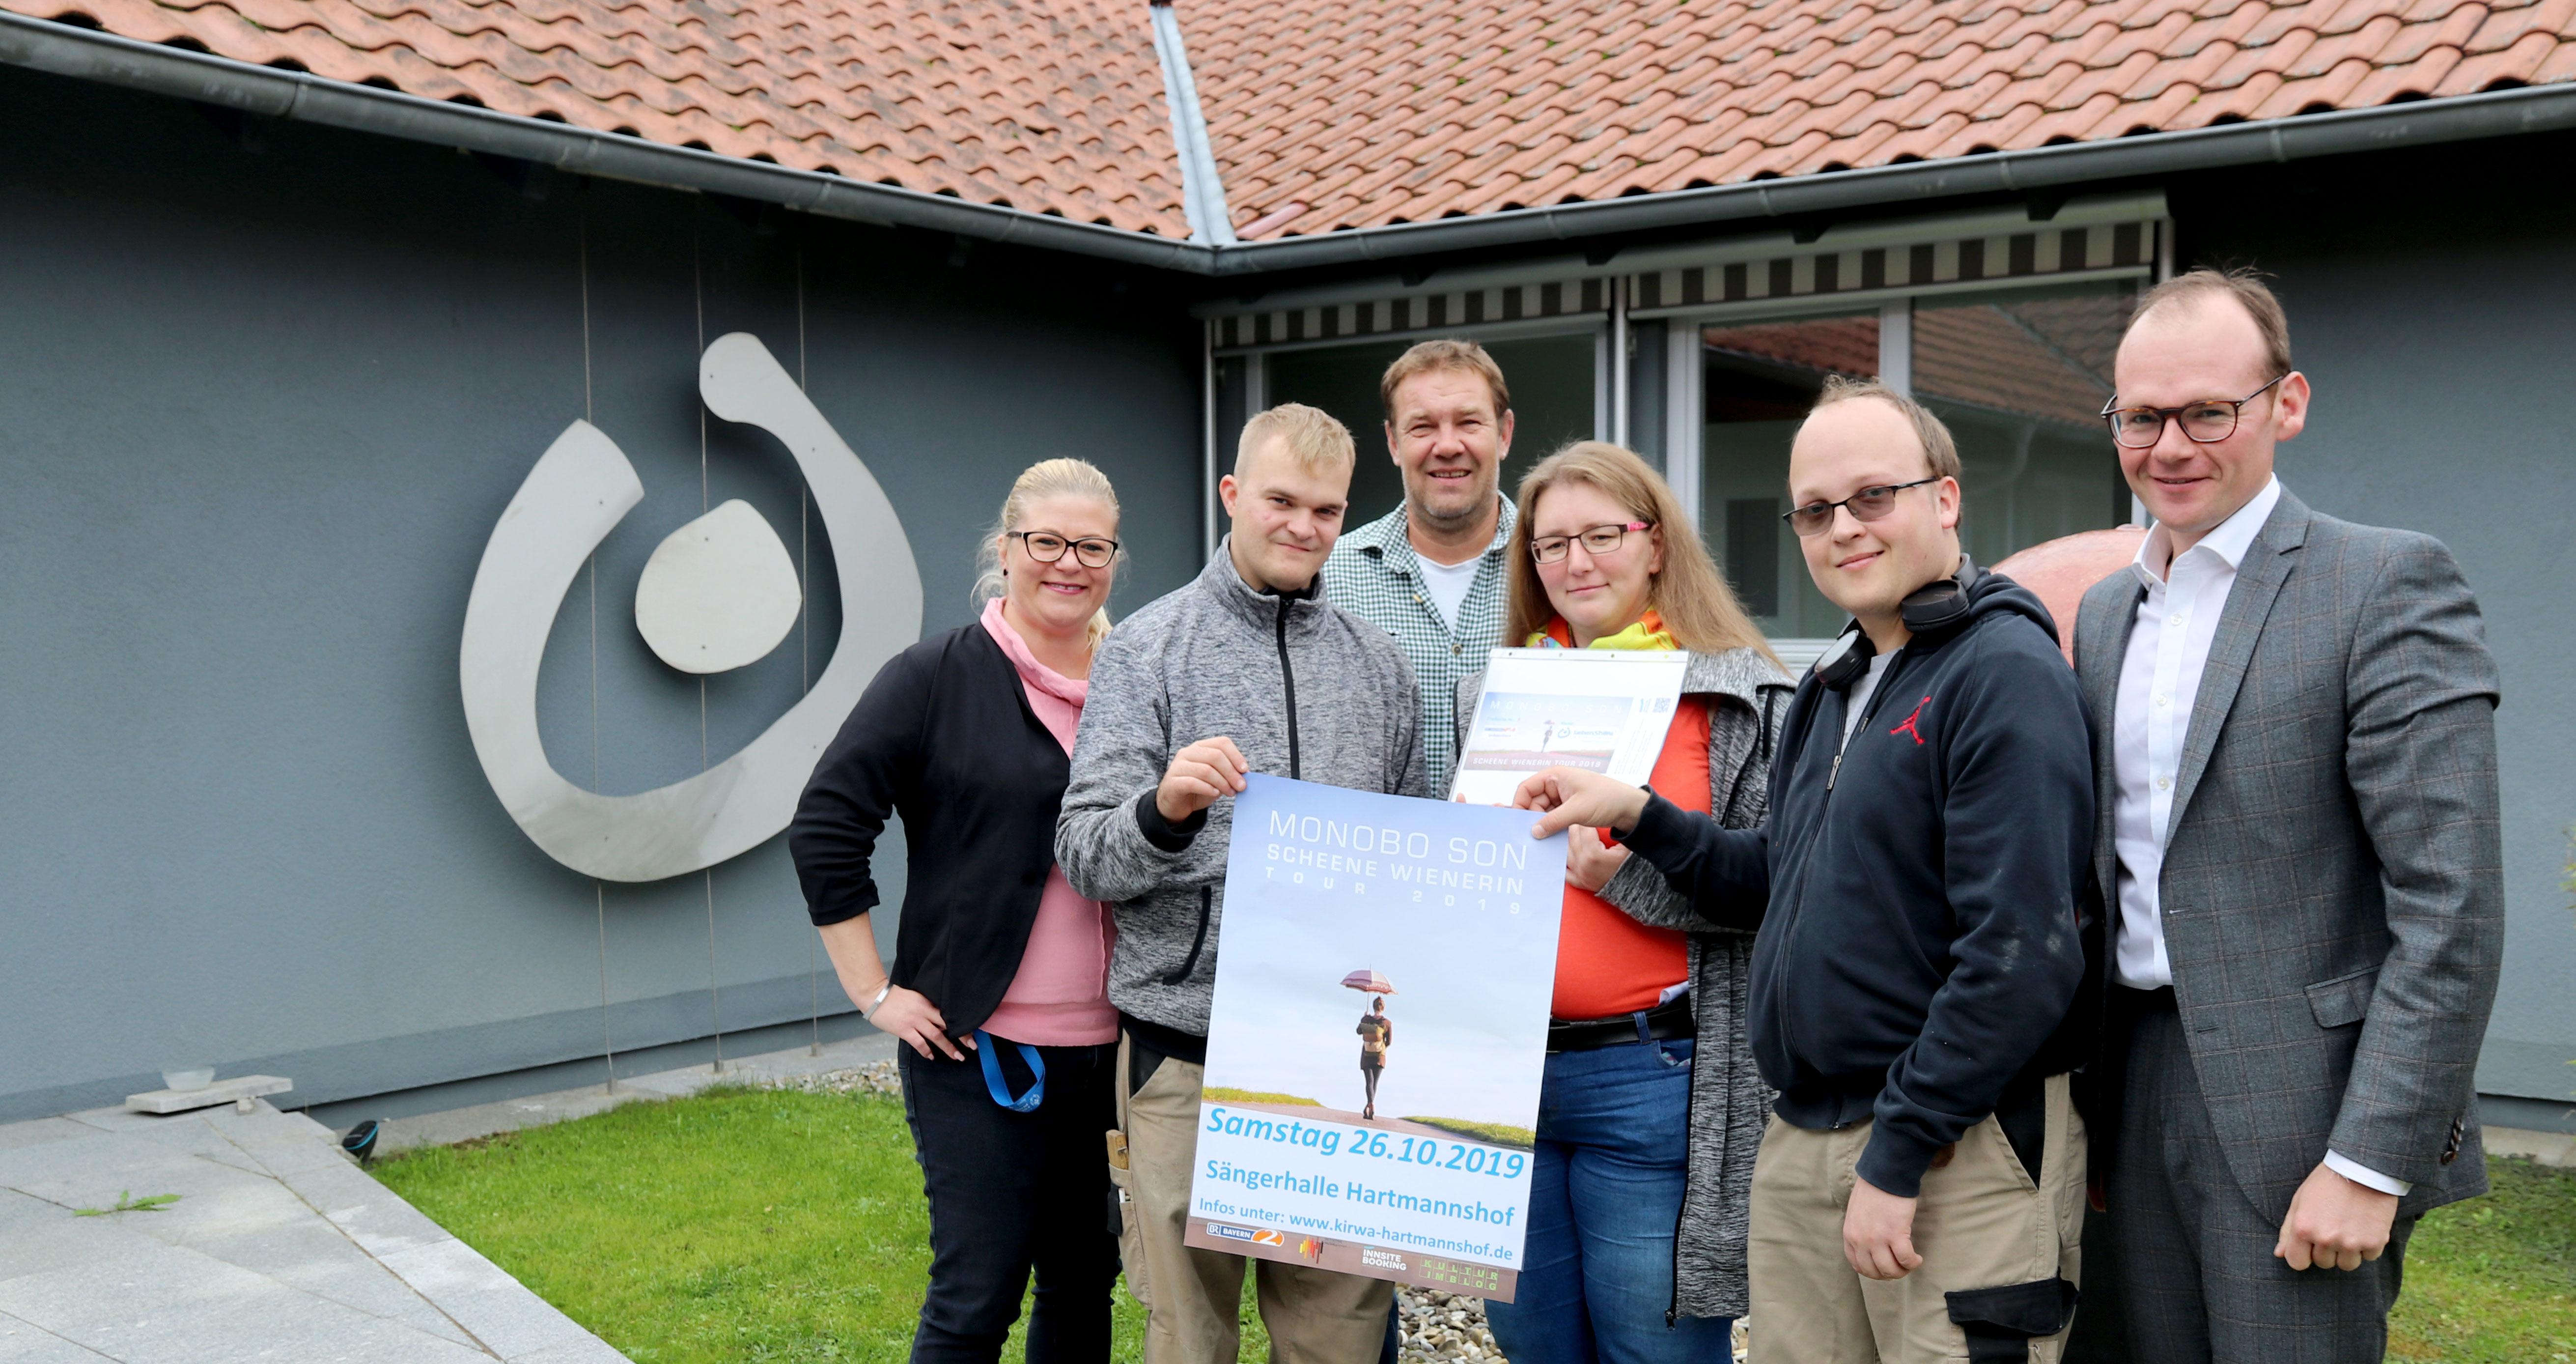 Inklusion gespendet: Konzertveranstalter Michael Müller (3.v.l.) spendete jetzt 15 Konzerttickets für Menschen mit Handicap für das Monobo Son-Konzert am 26.10.19, Hartmannshof.